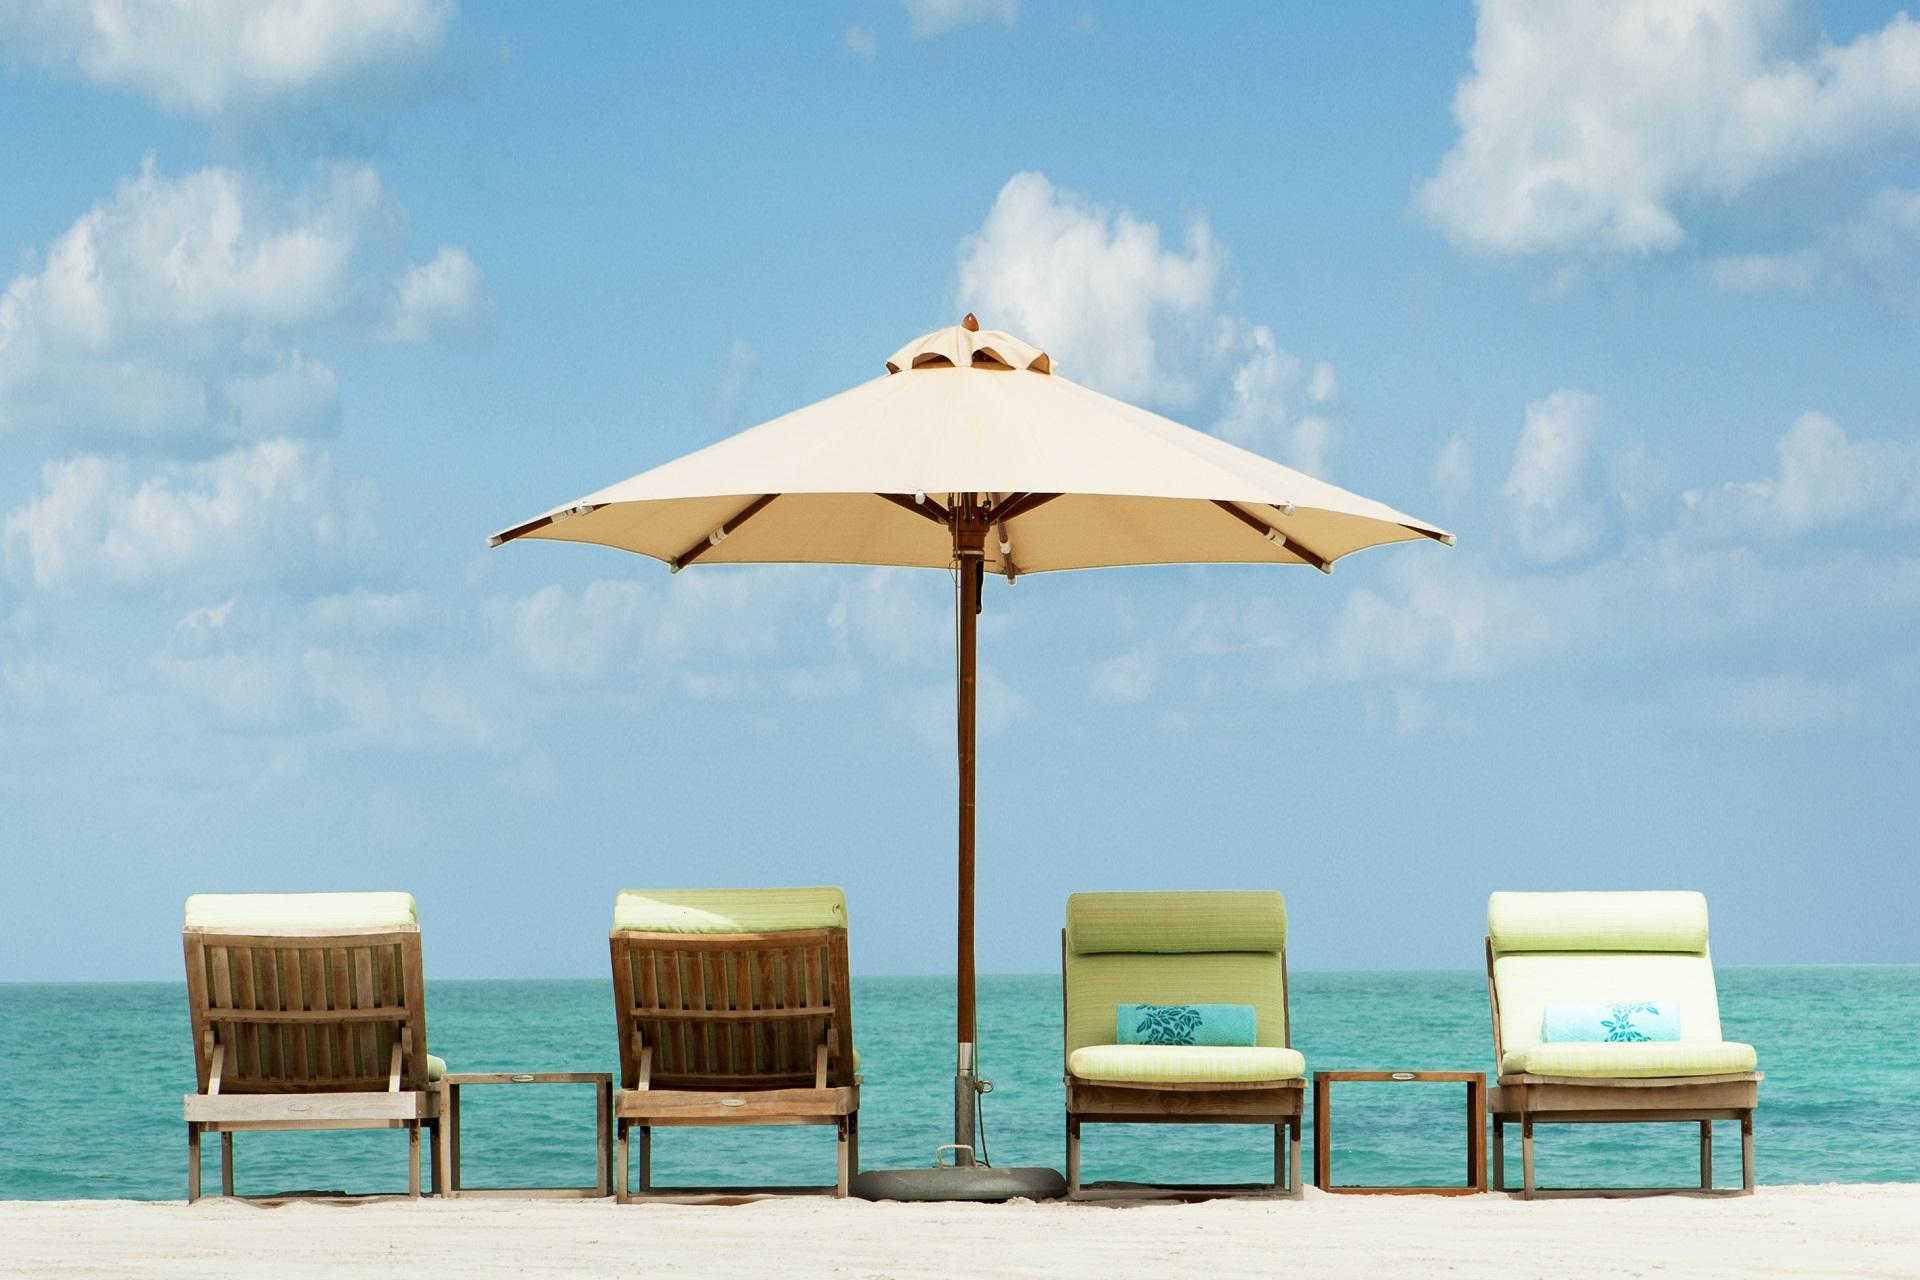 Diese Luxushotels In Abu Dhabi Sind Unglaublich